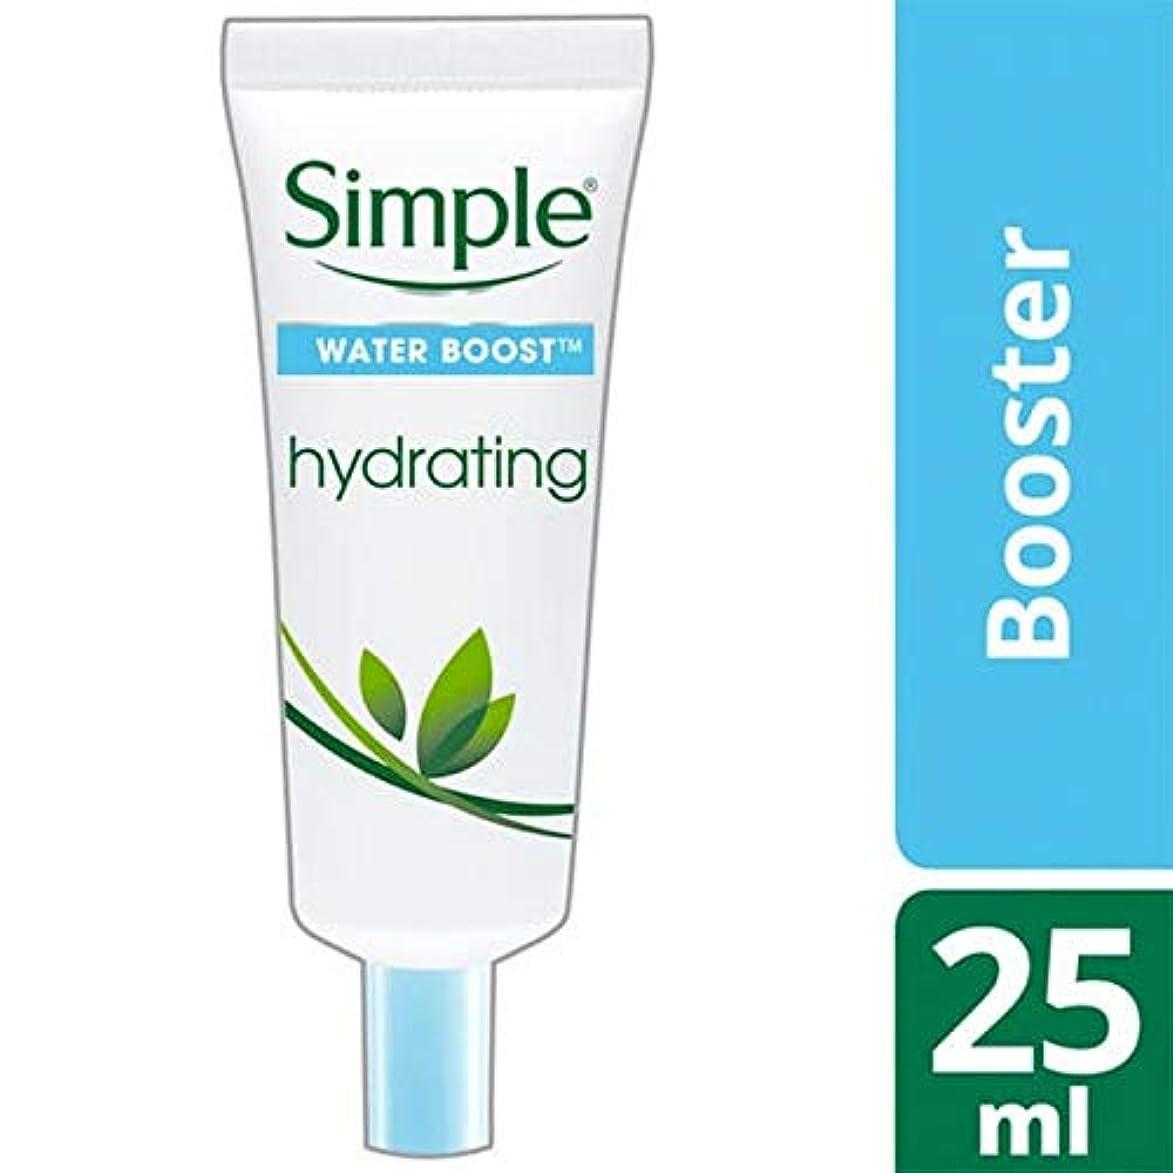 メディカル鋸歯状オレンジ[Simple ] シンプルな水ブースト水和ブースター25ミリリットル - Simple Water Boost Hydrating Booster 25ml [並行輸入品]